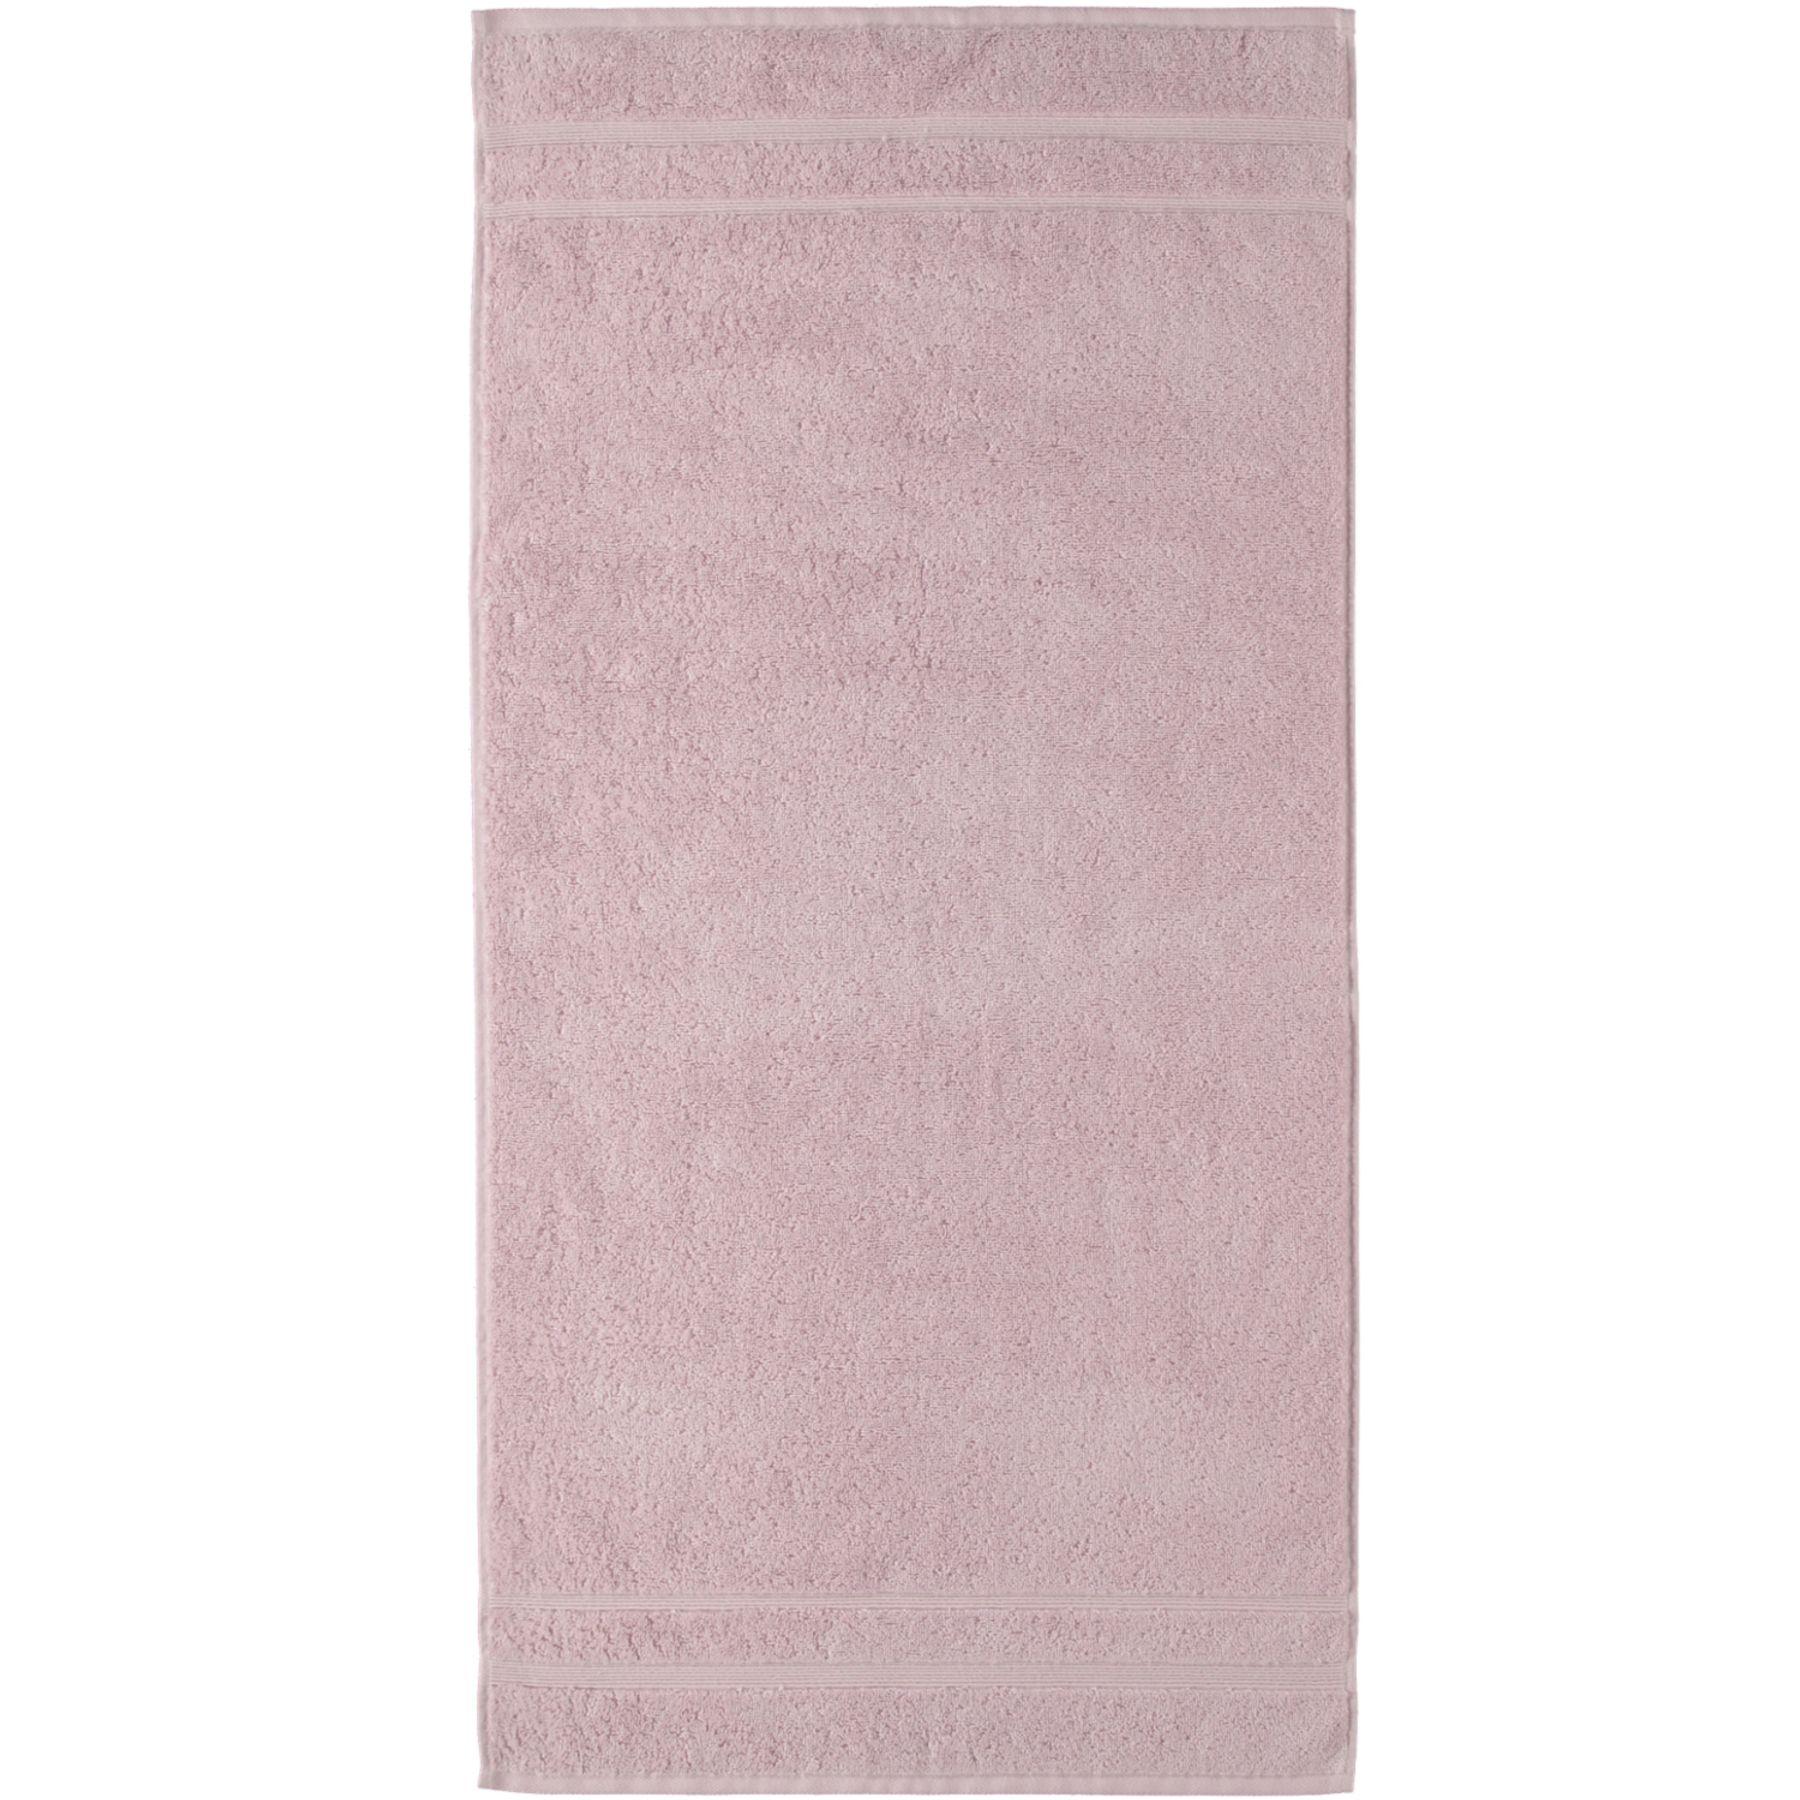 Cawö - Handtuch in verschiedenen Größen - Luxury Home (6000) – Bild 2